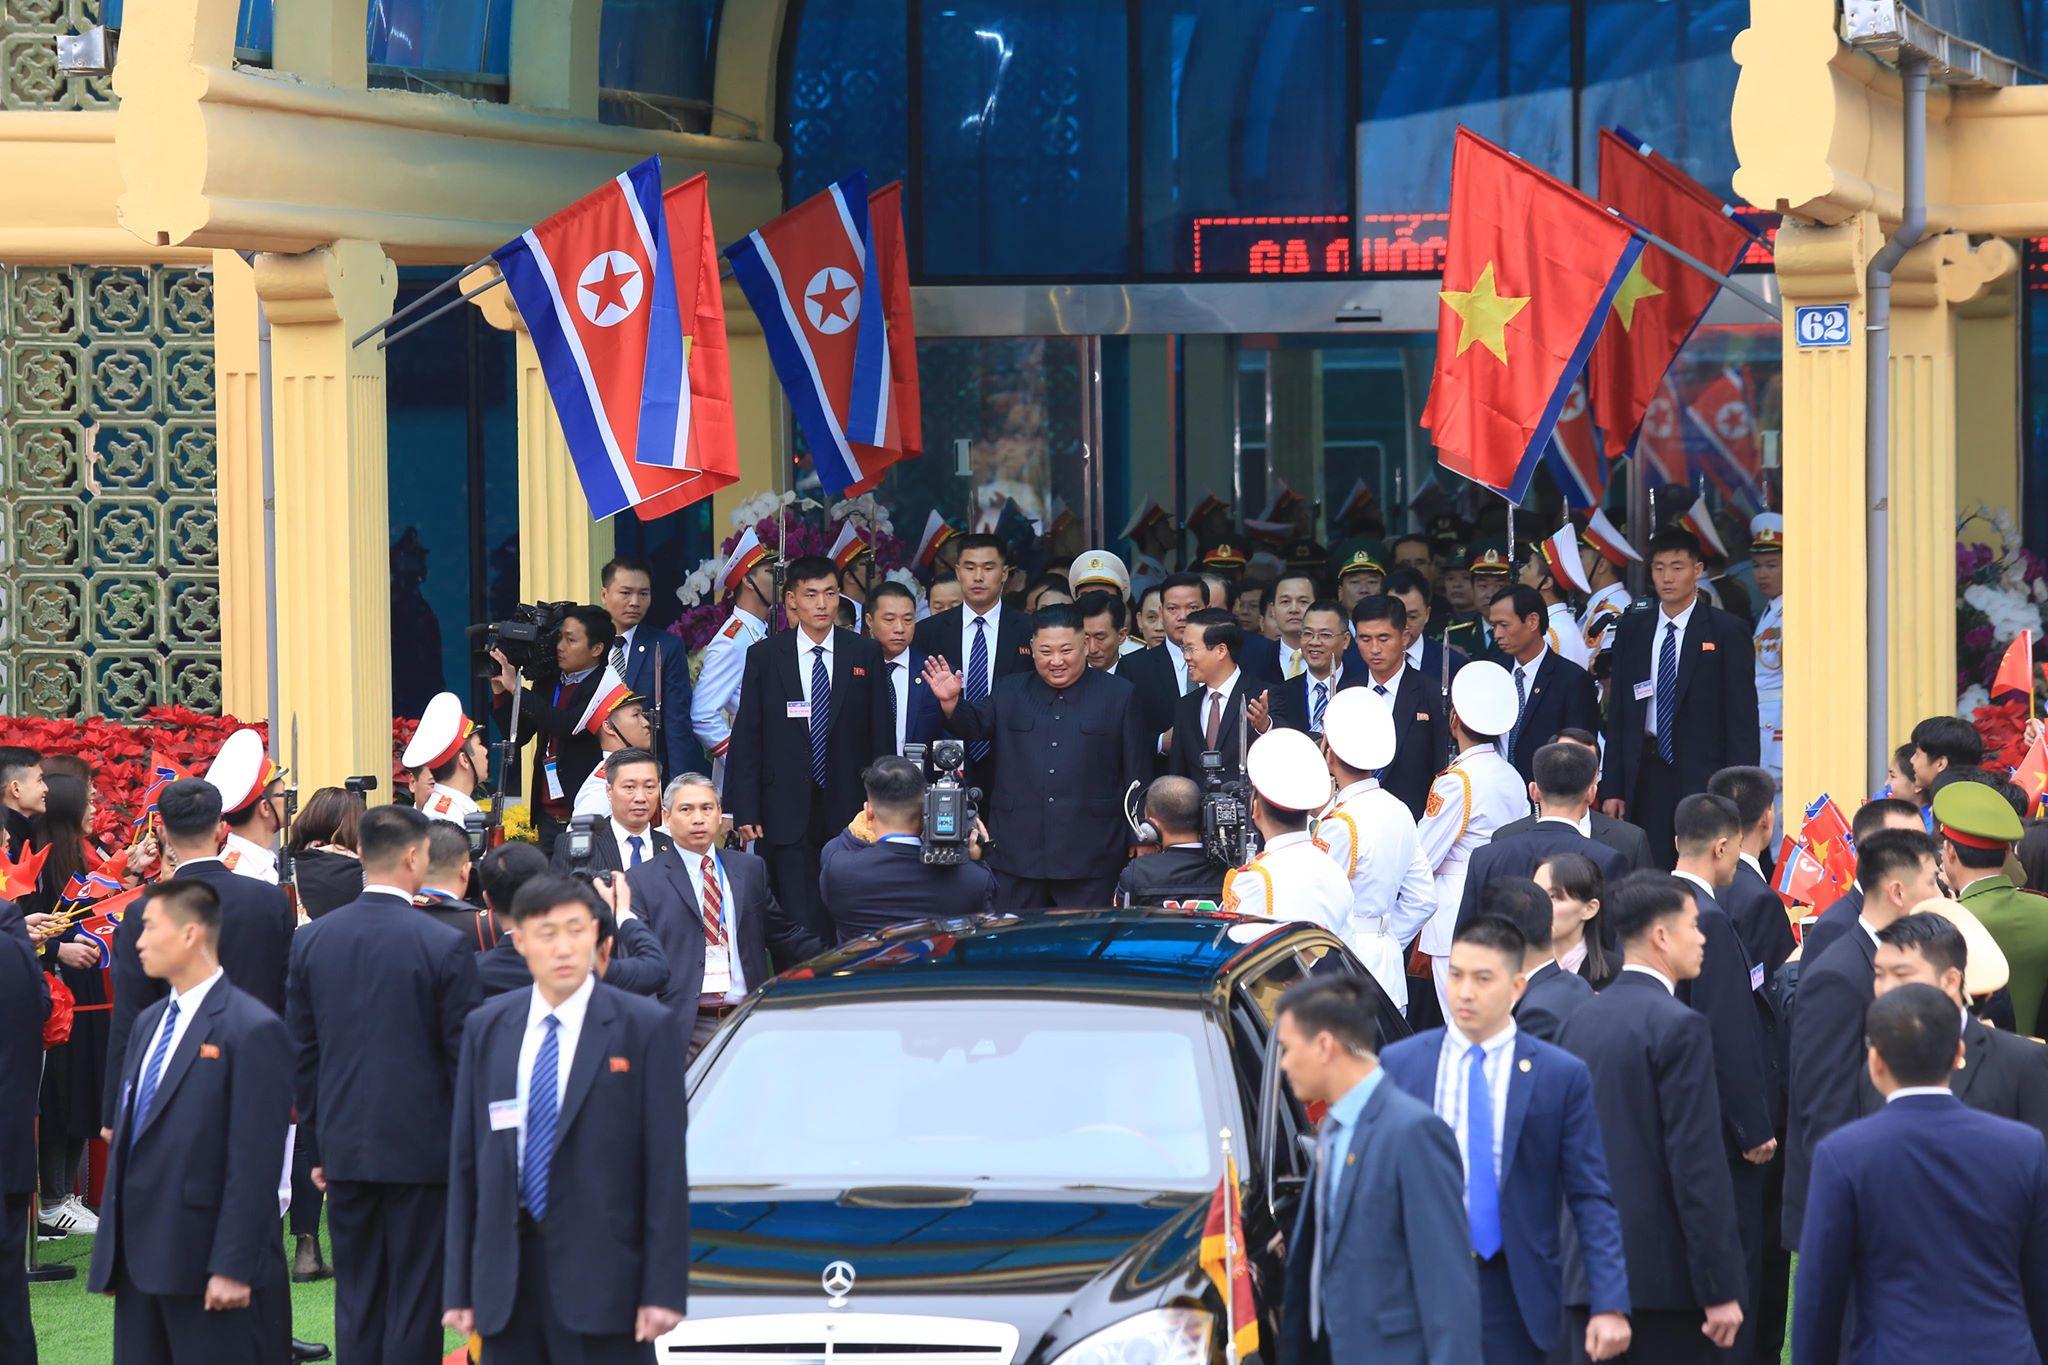 [Trực tiếp] Cận cảnh lực lượng an ninh dày đặc quanh khách sạn nơi Chủ tịch Kim Jong-un vừa có mặt - Ảnh 21